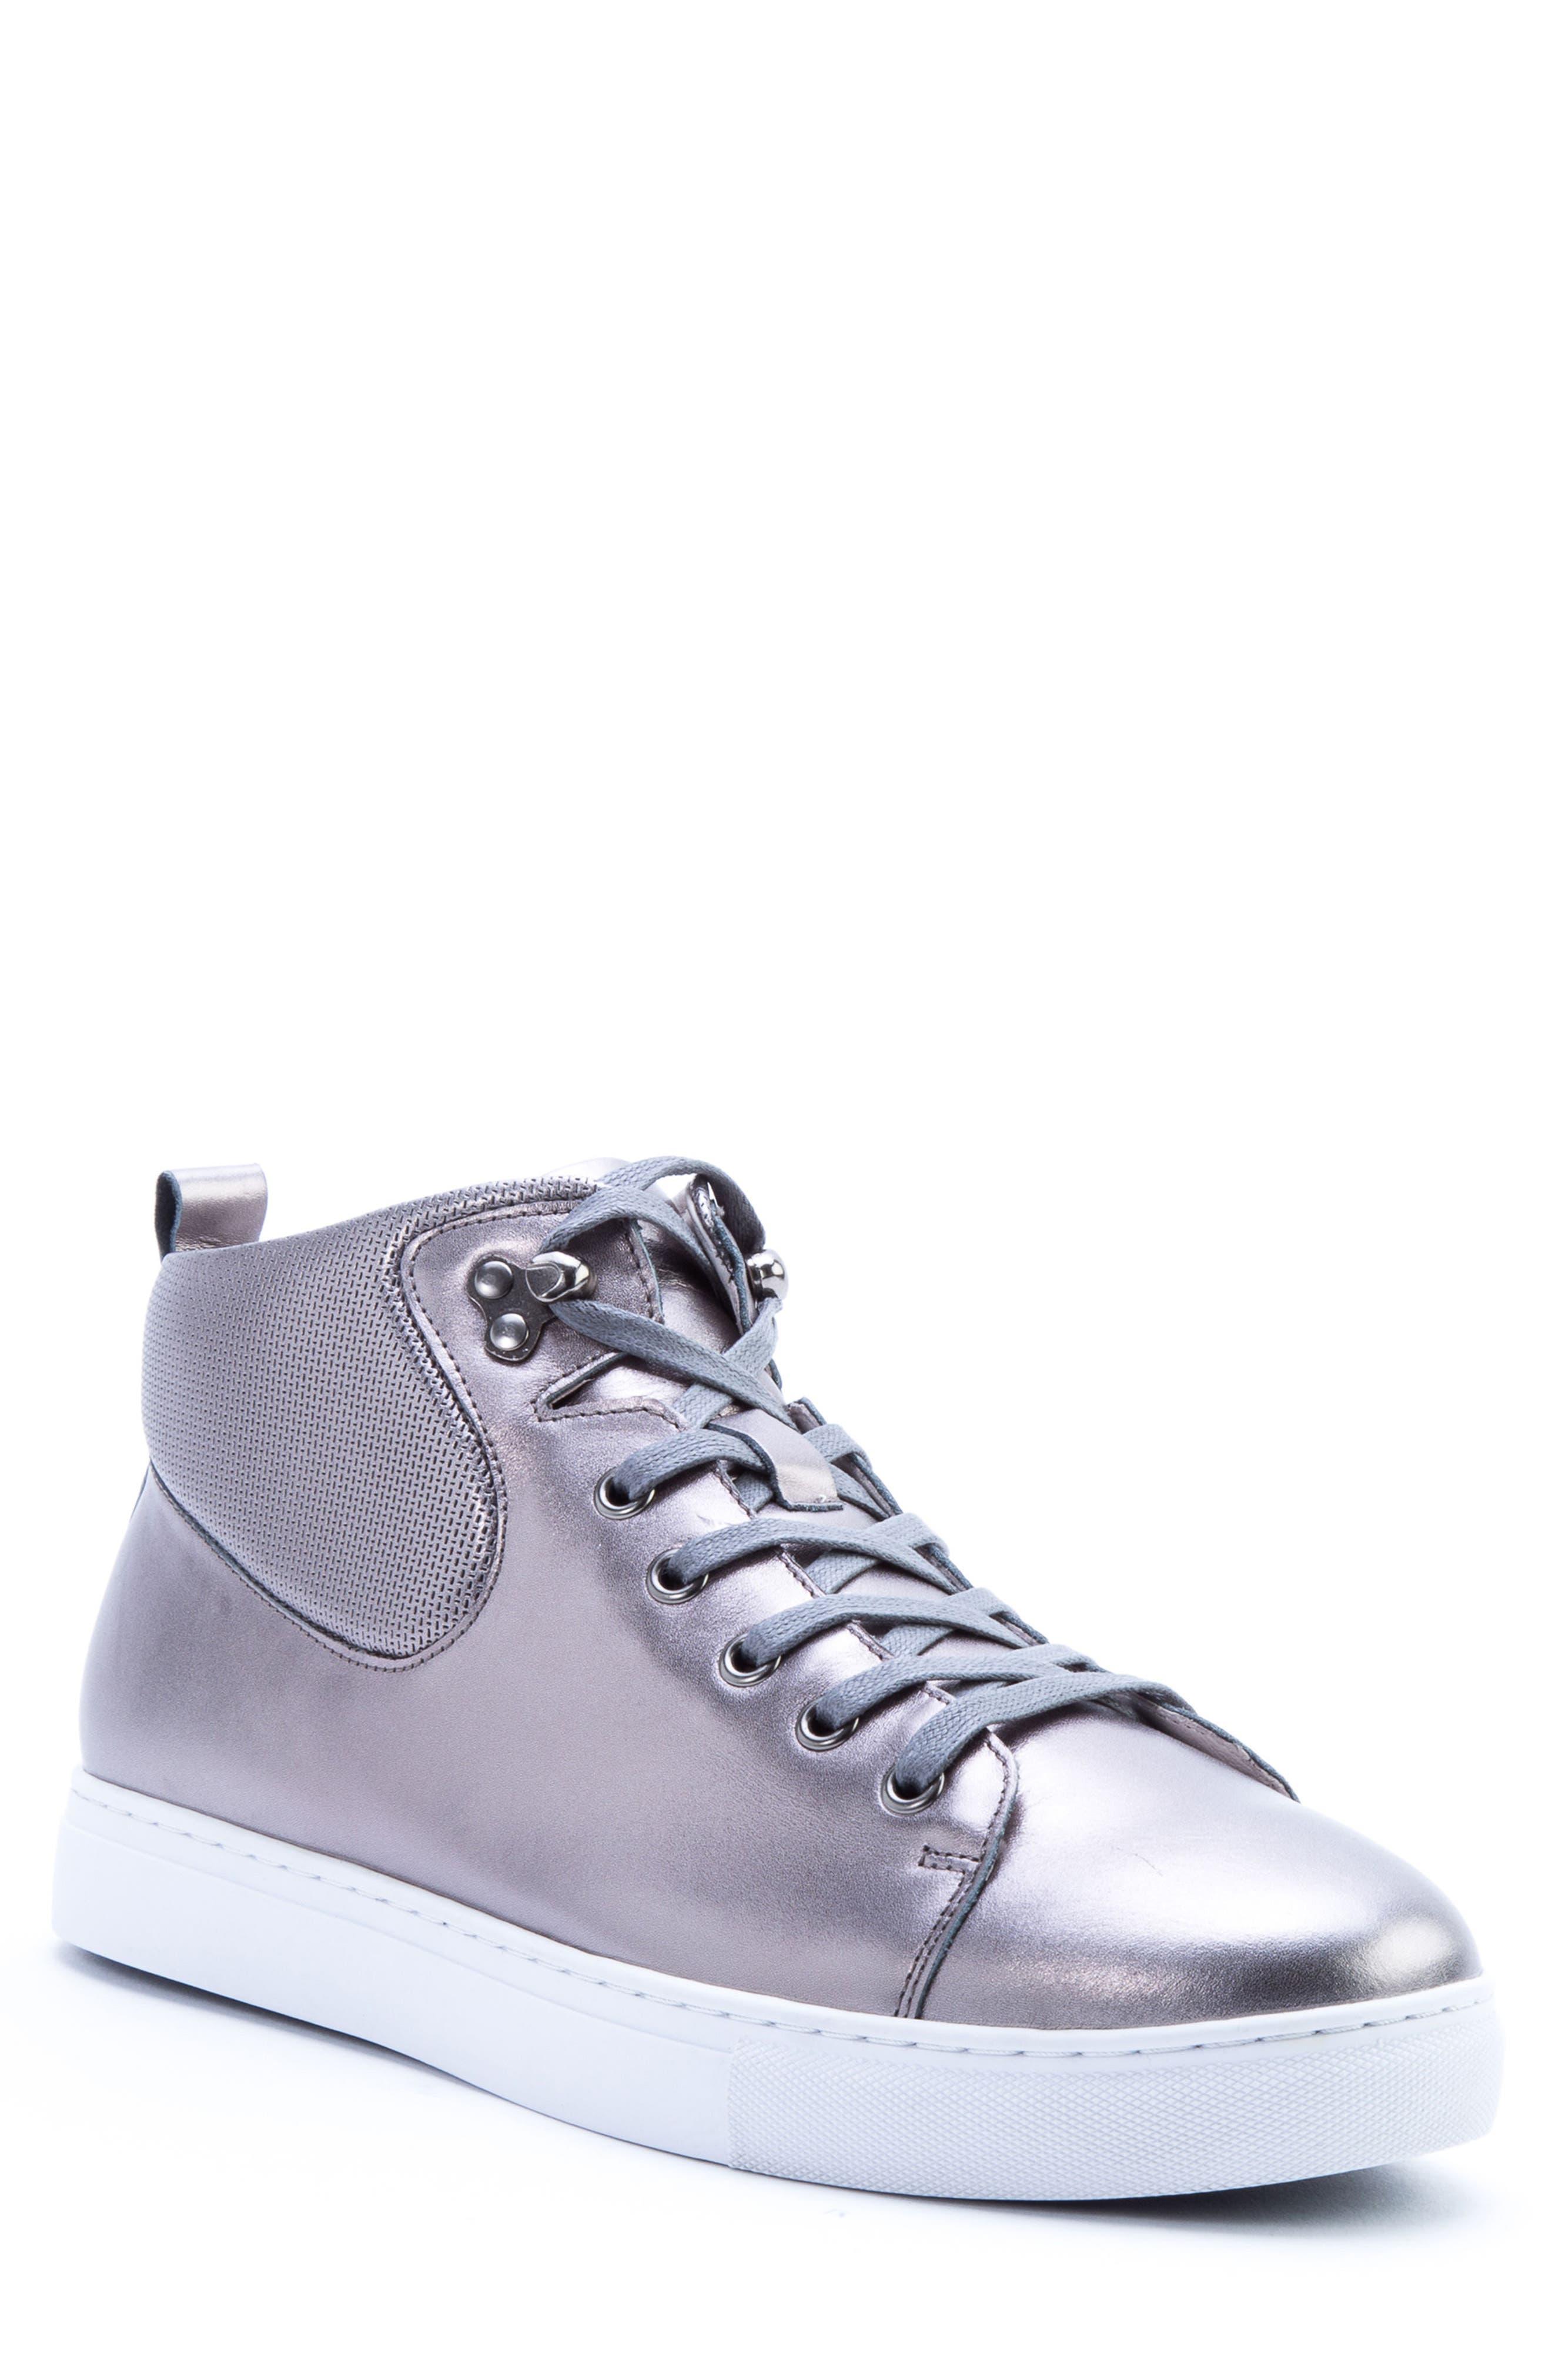 Badgley Mischka Sanders Sneaker- Grey